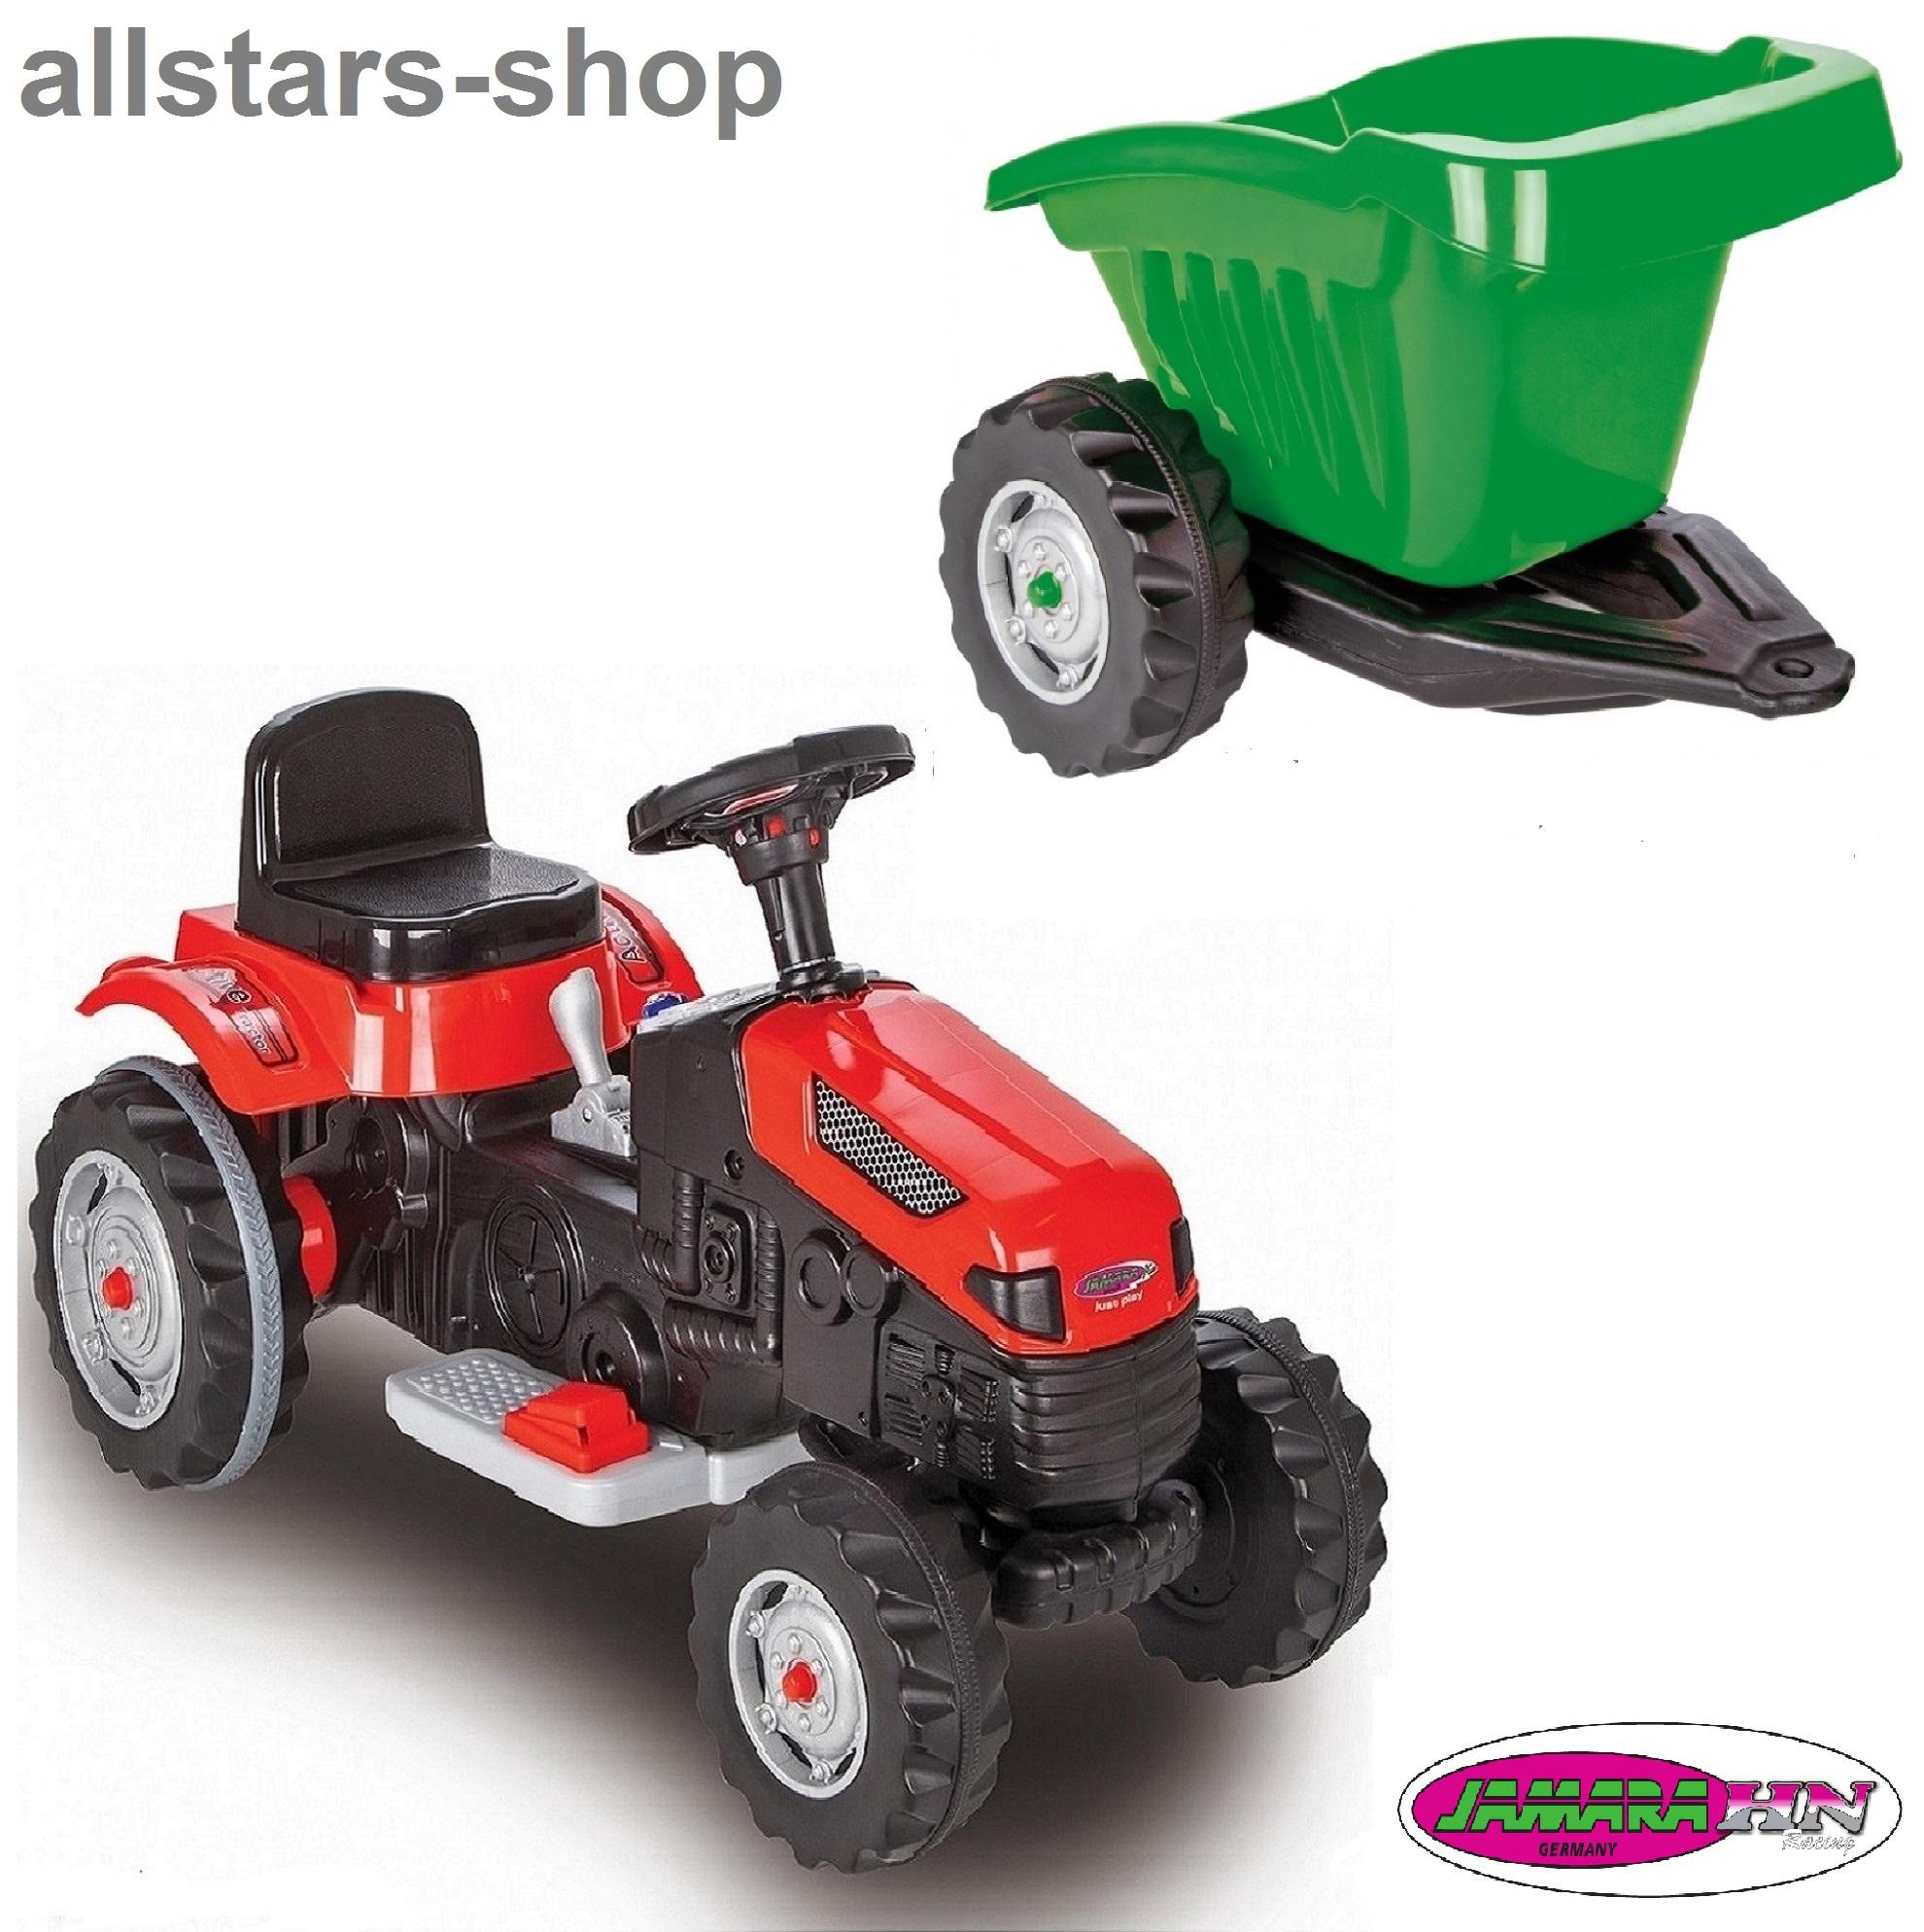 jamara kinder auto ride on traktor mit elektromotor. Black Bedroom Furniture Sets. Home Design Ideas